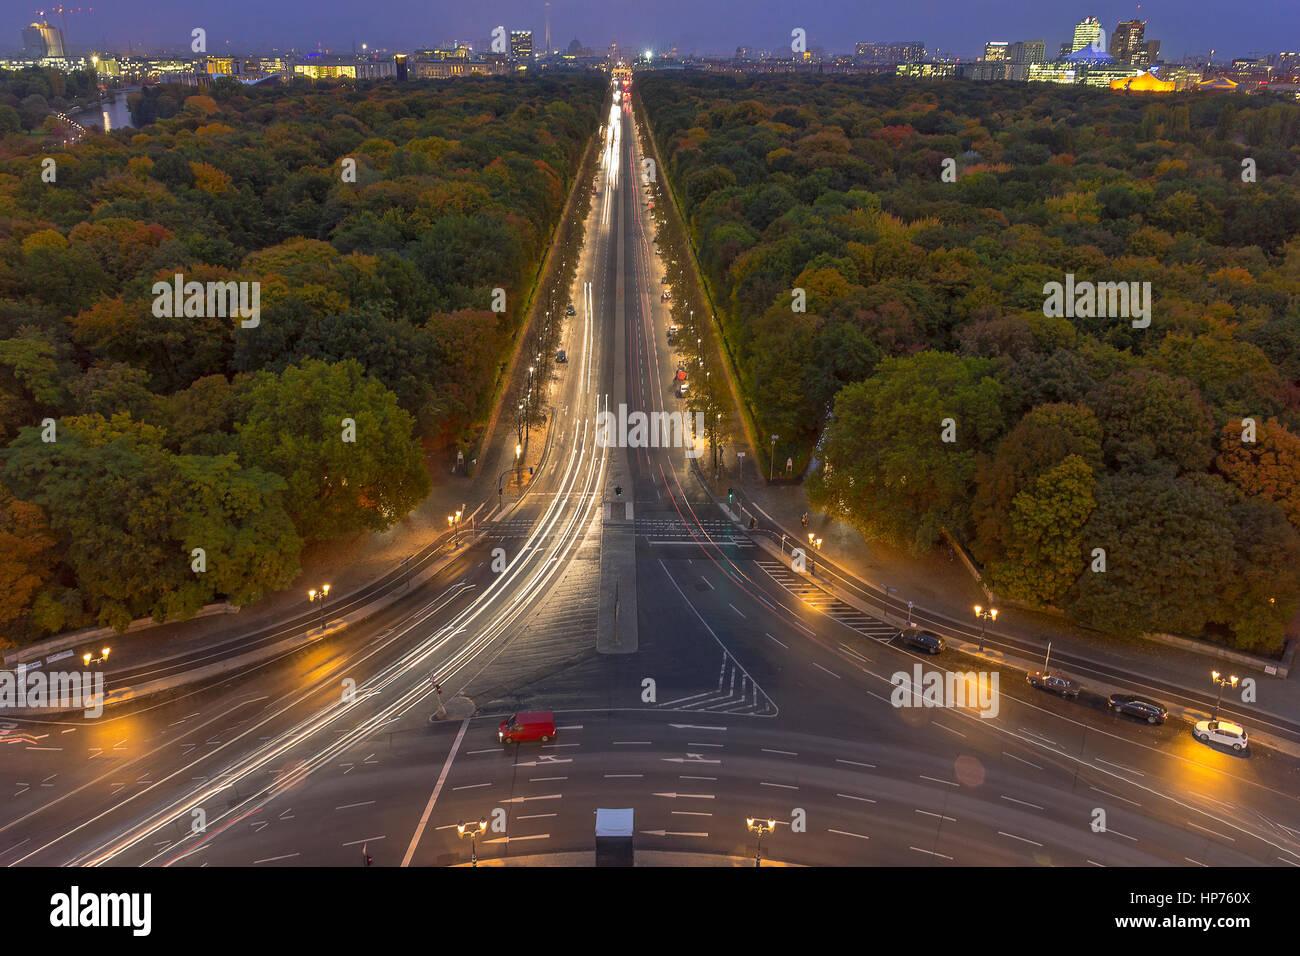 The Tiergarten - Stock Image